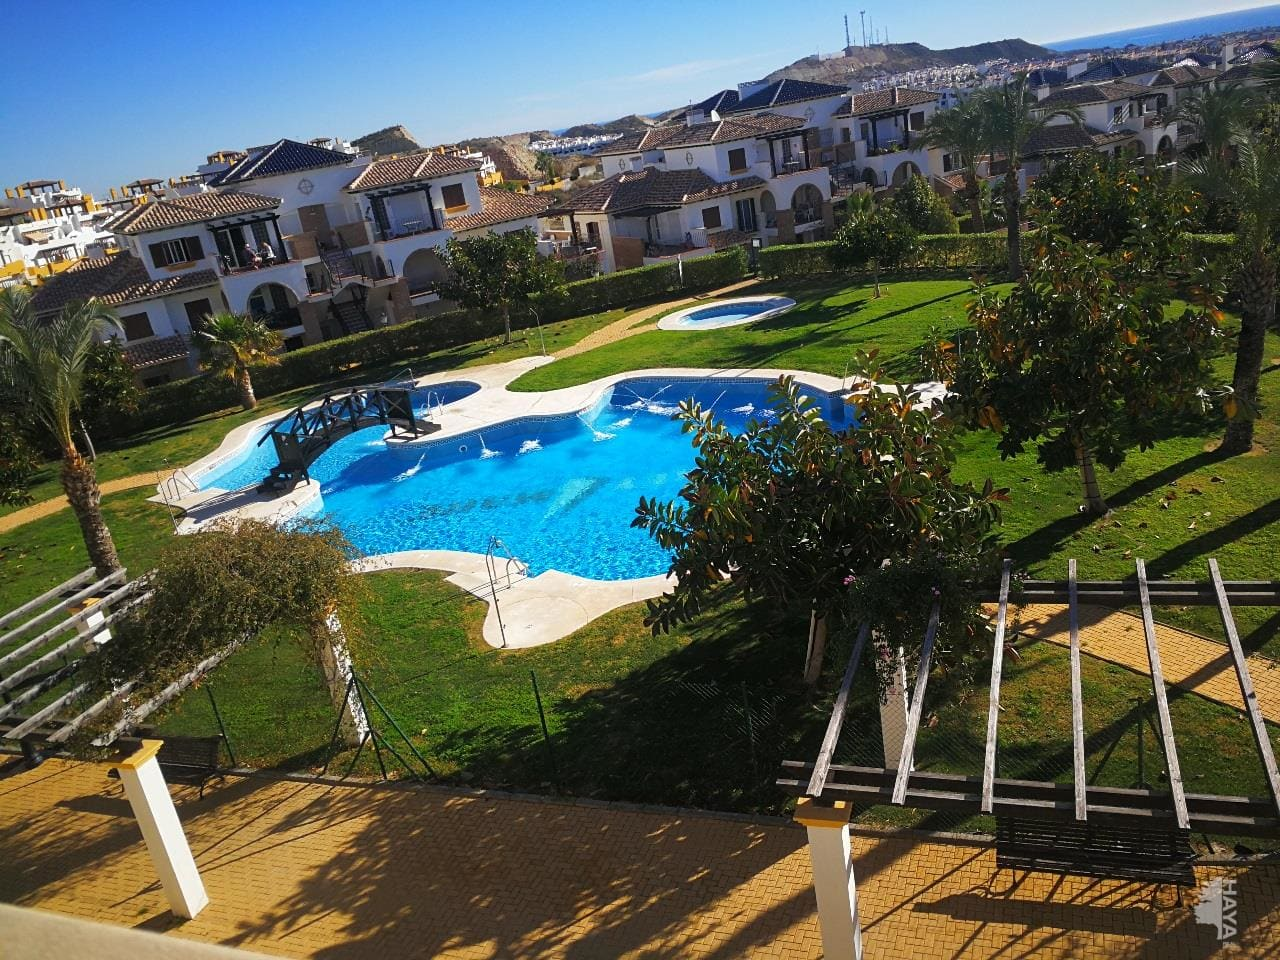 Piso en venta en Vera Playa, Vera, Almería, Calle Tomillo, 100.800 €, 2 habitaciones, 2 baños, 85 m2